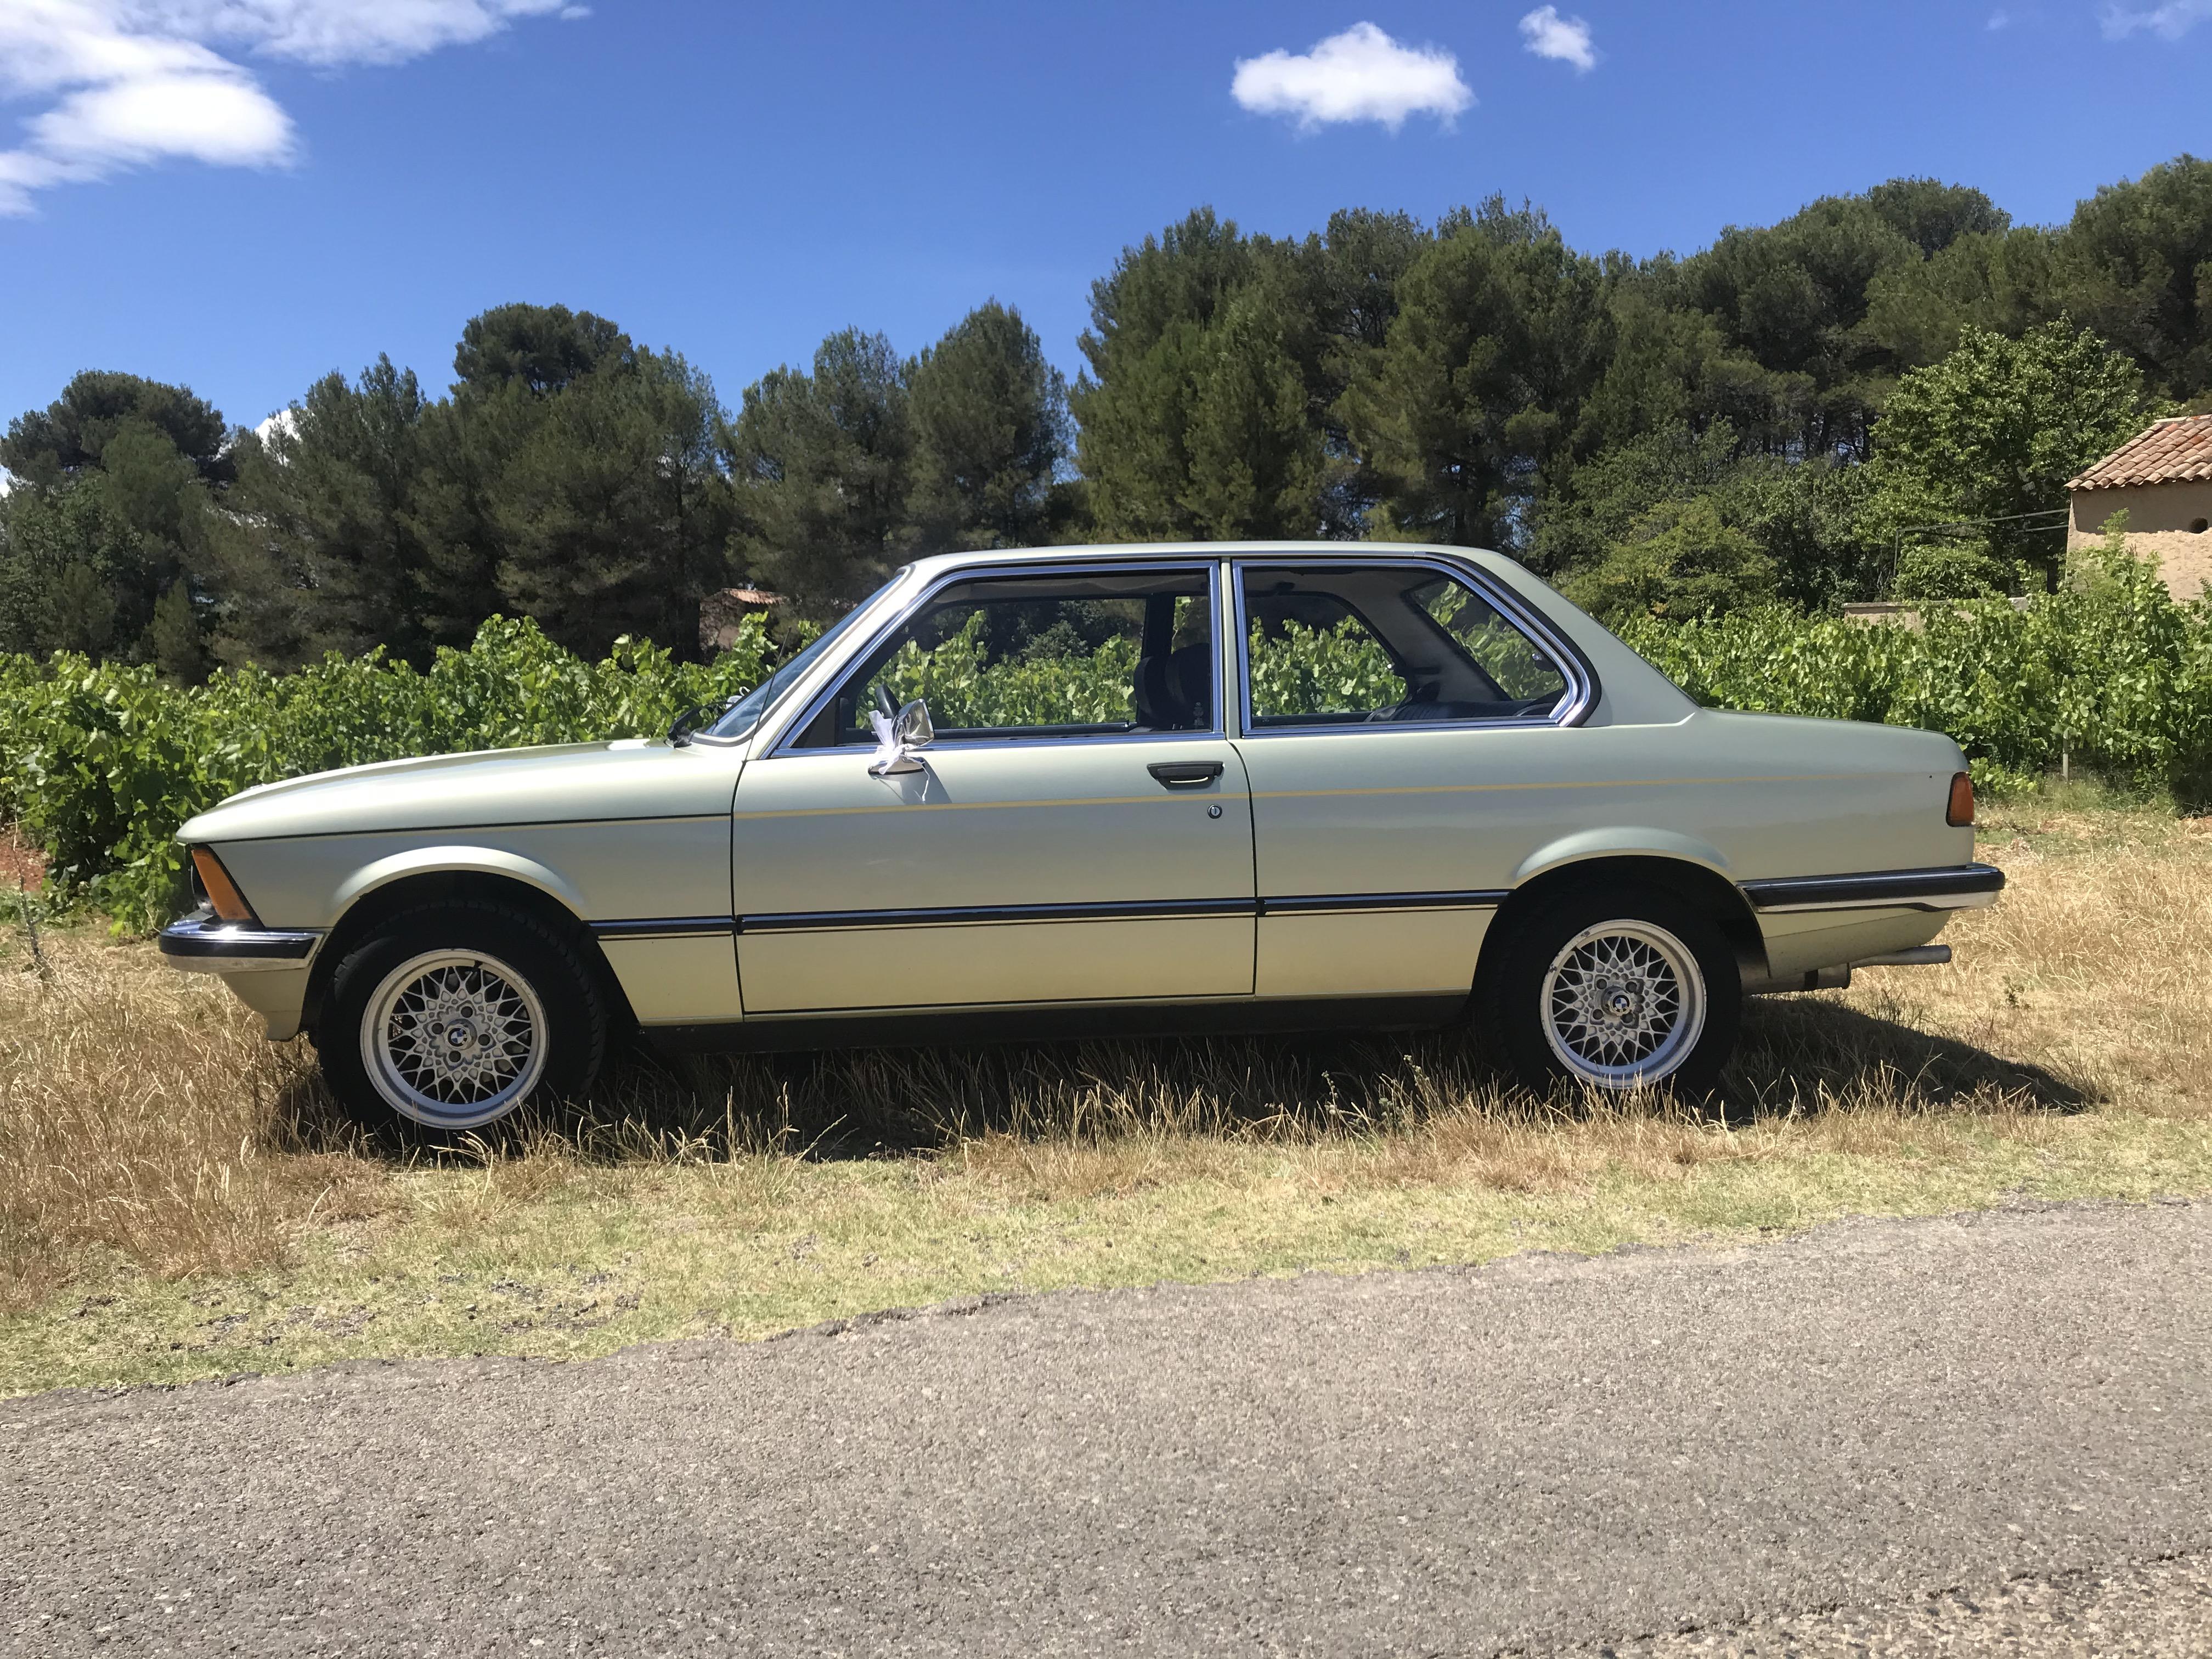 BMW 318 e21 Série 3 4